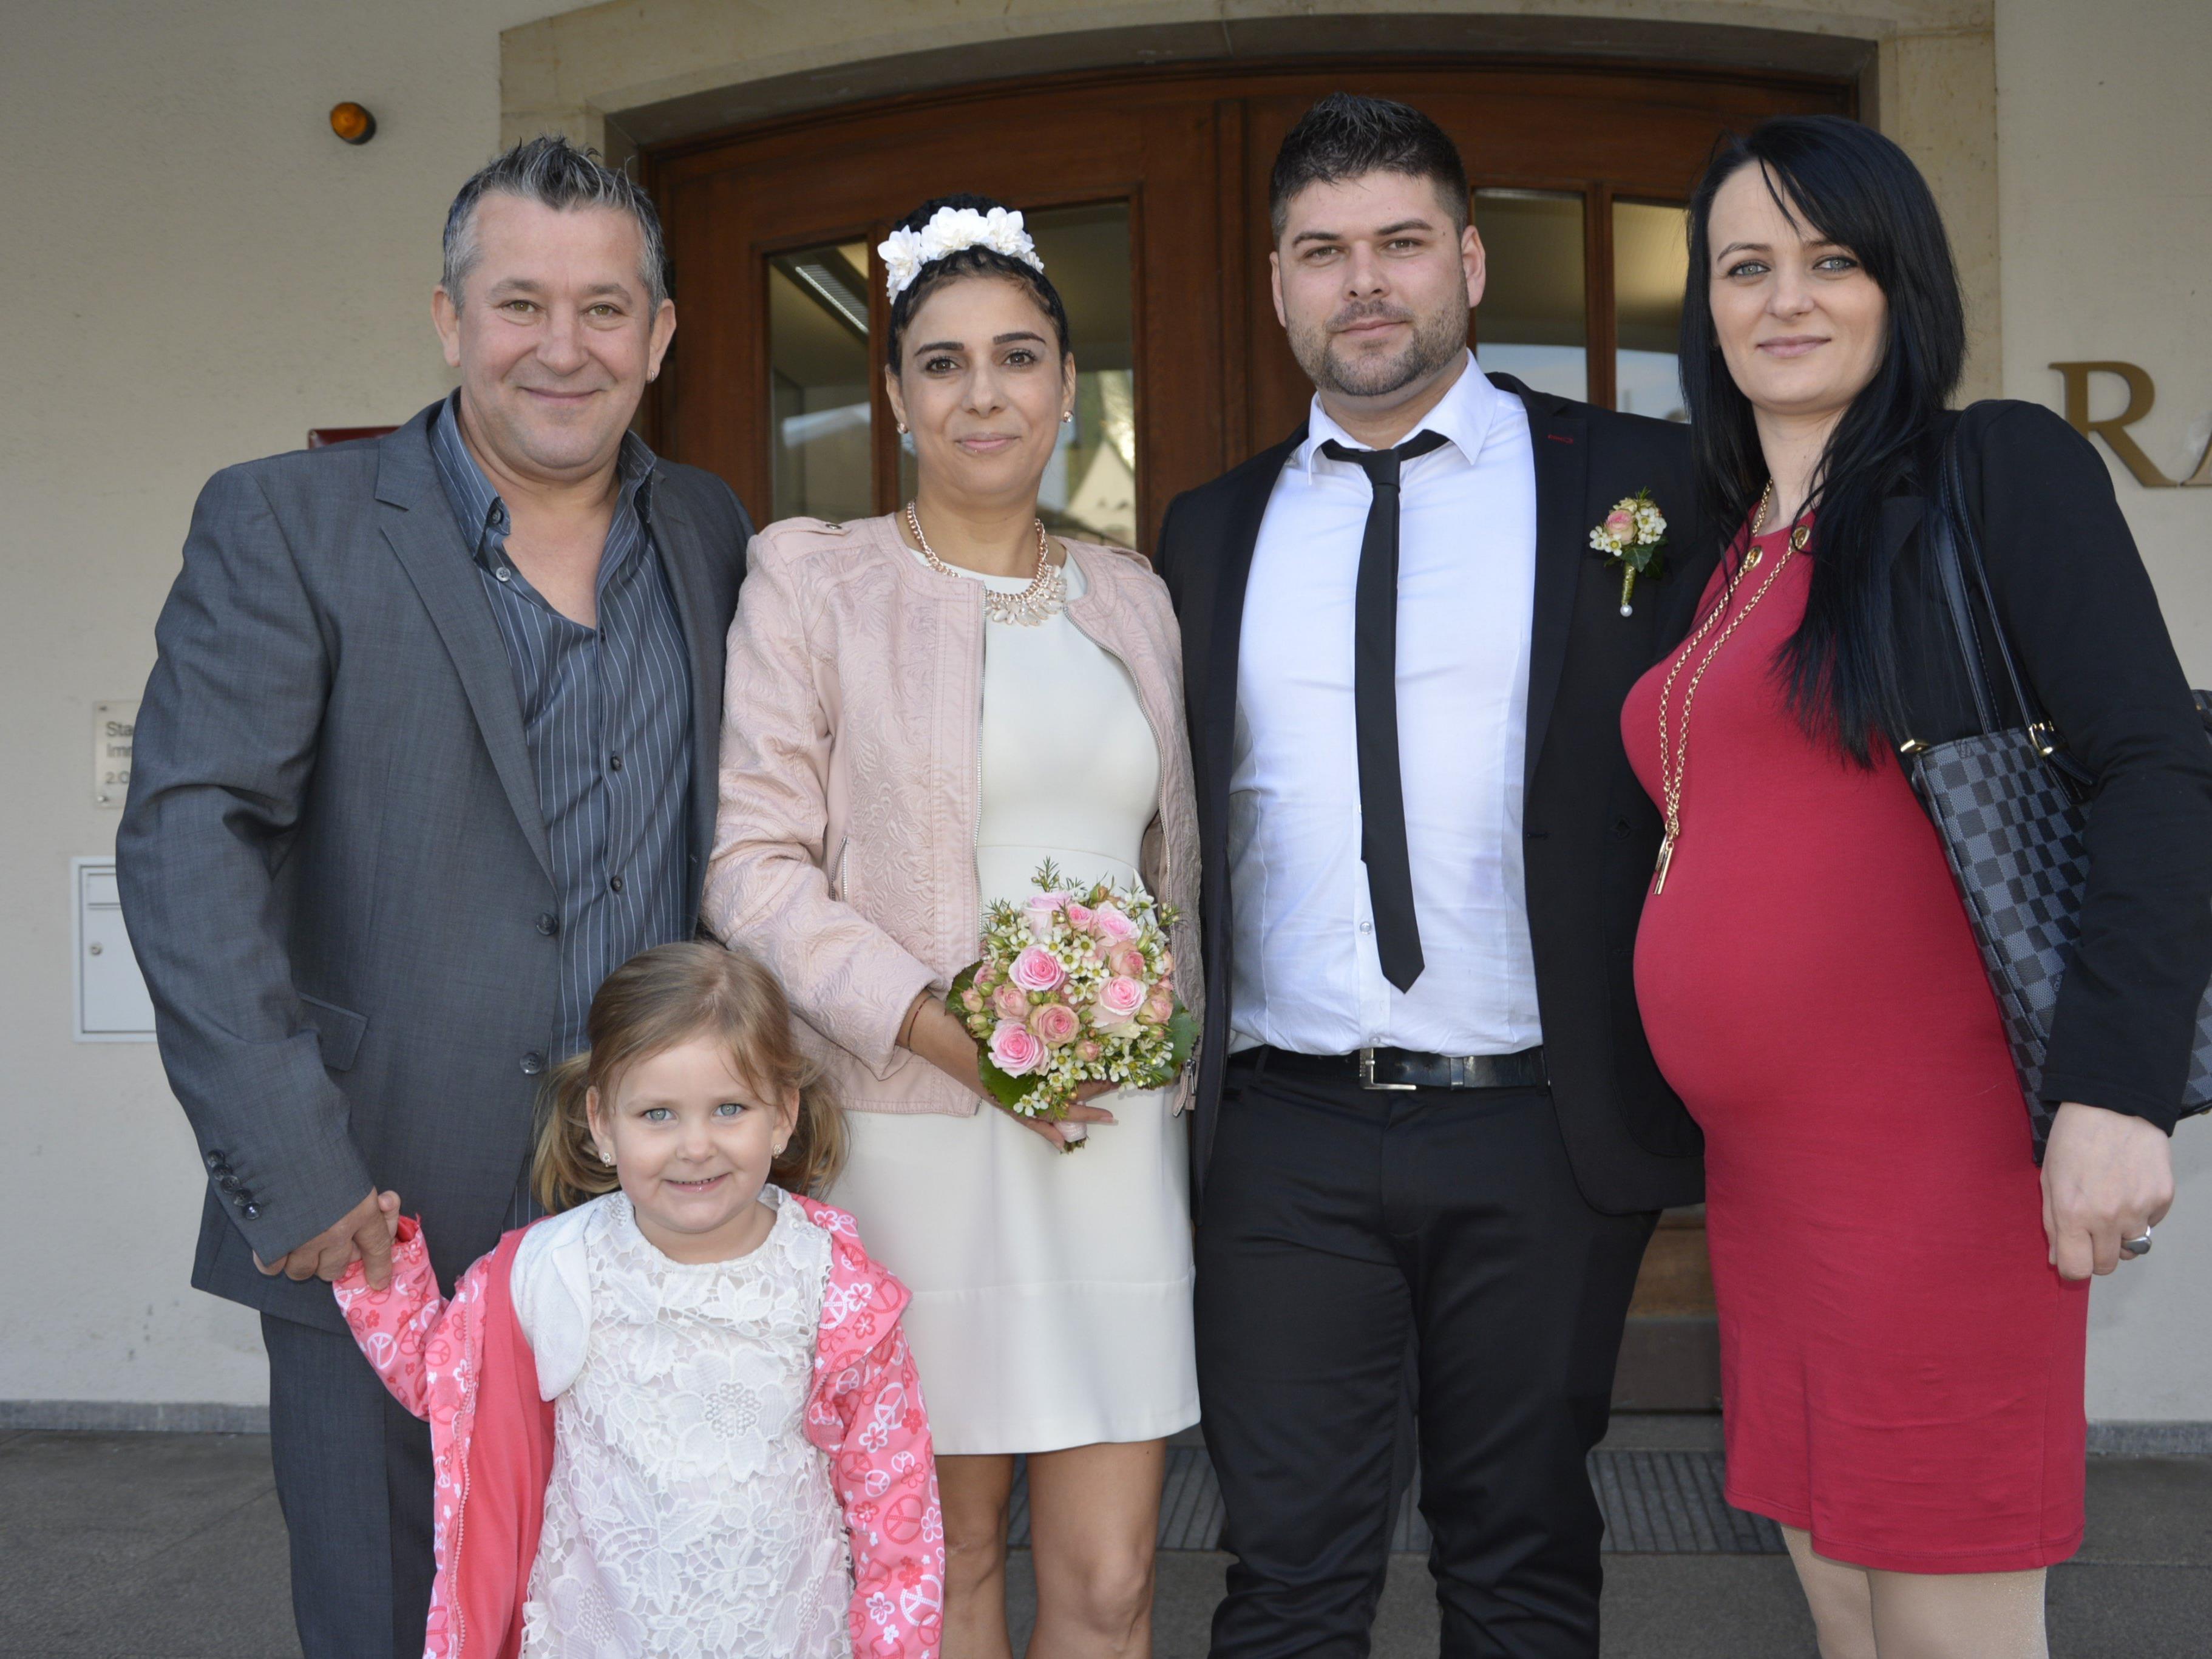 Das Brautpaar, frisch vermählt, mit den Trauzeugen und Nichte Alegra beim Standesamt Dornbirn.